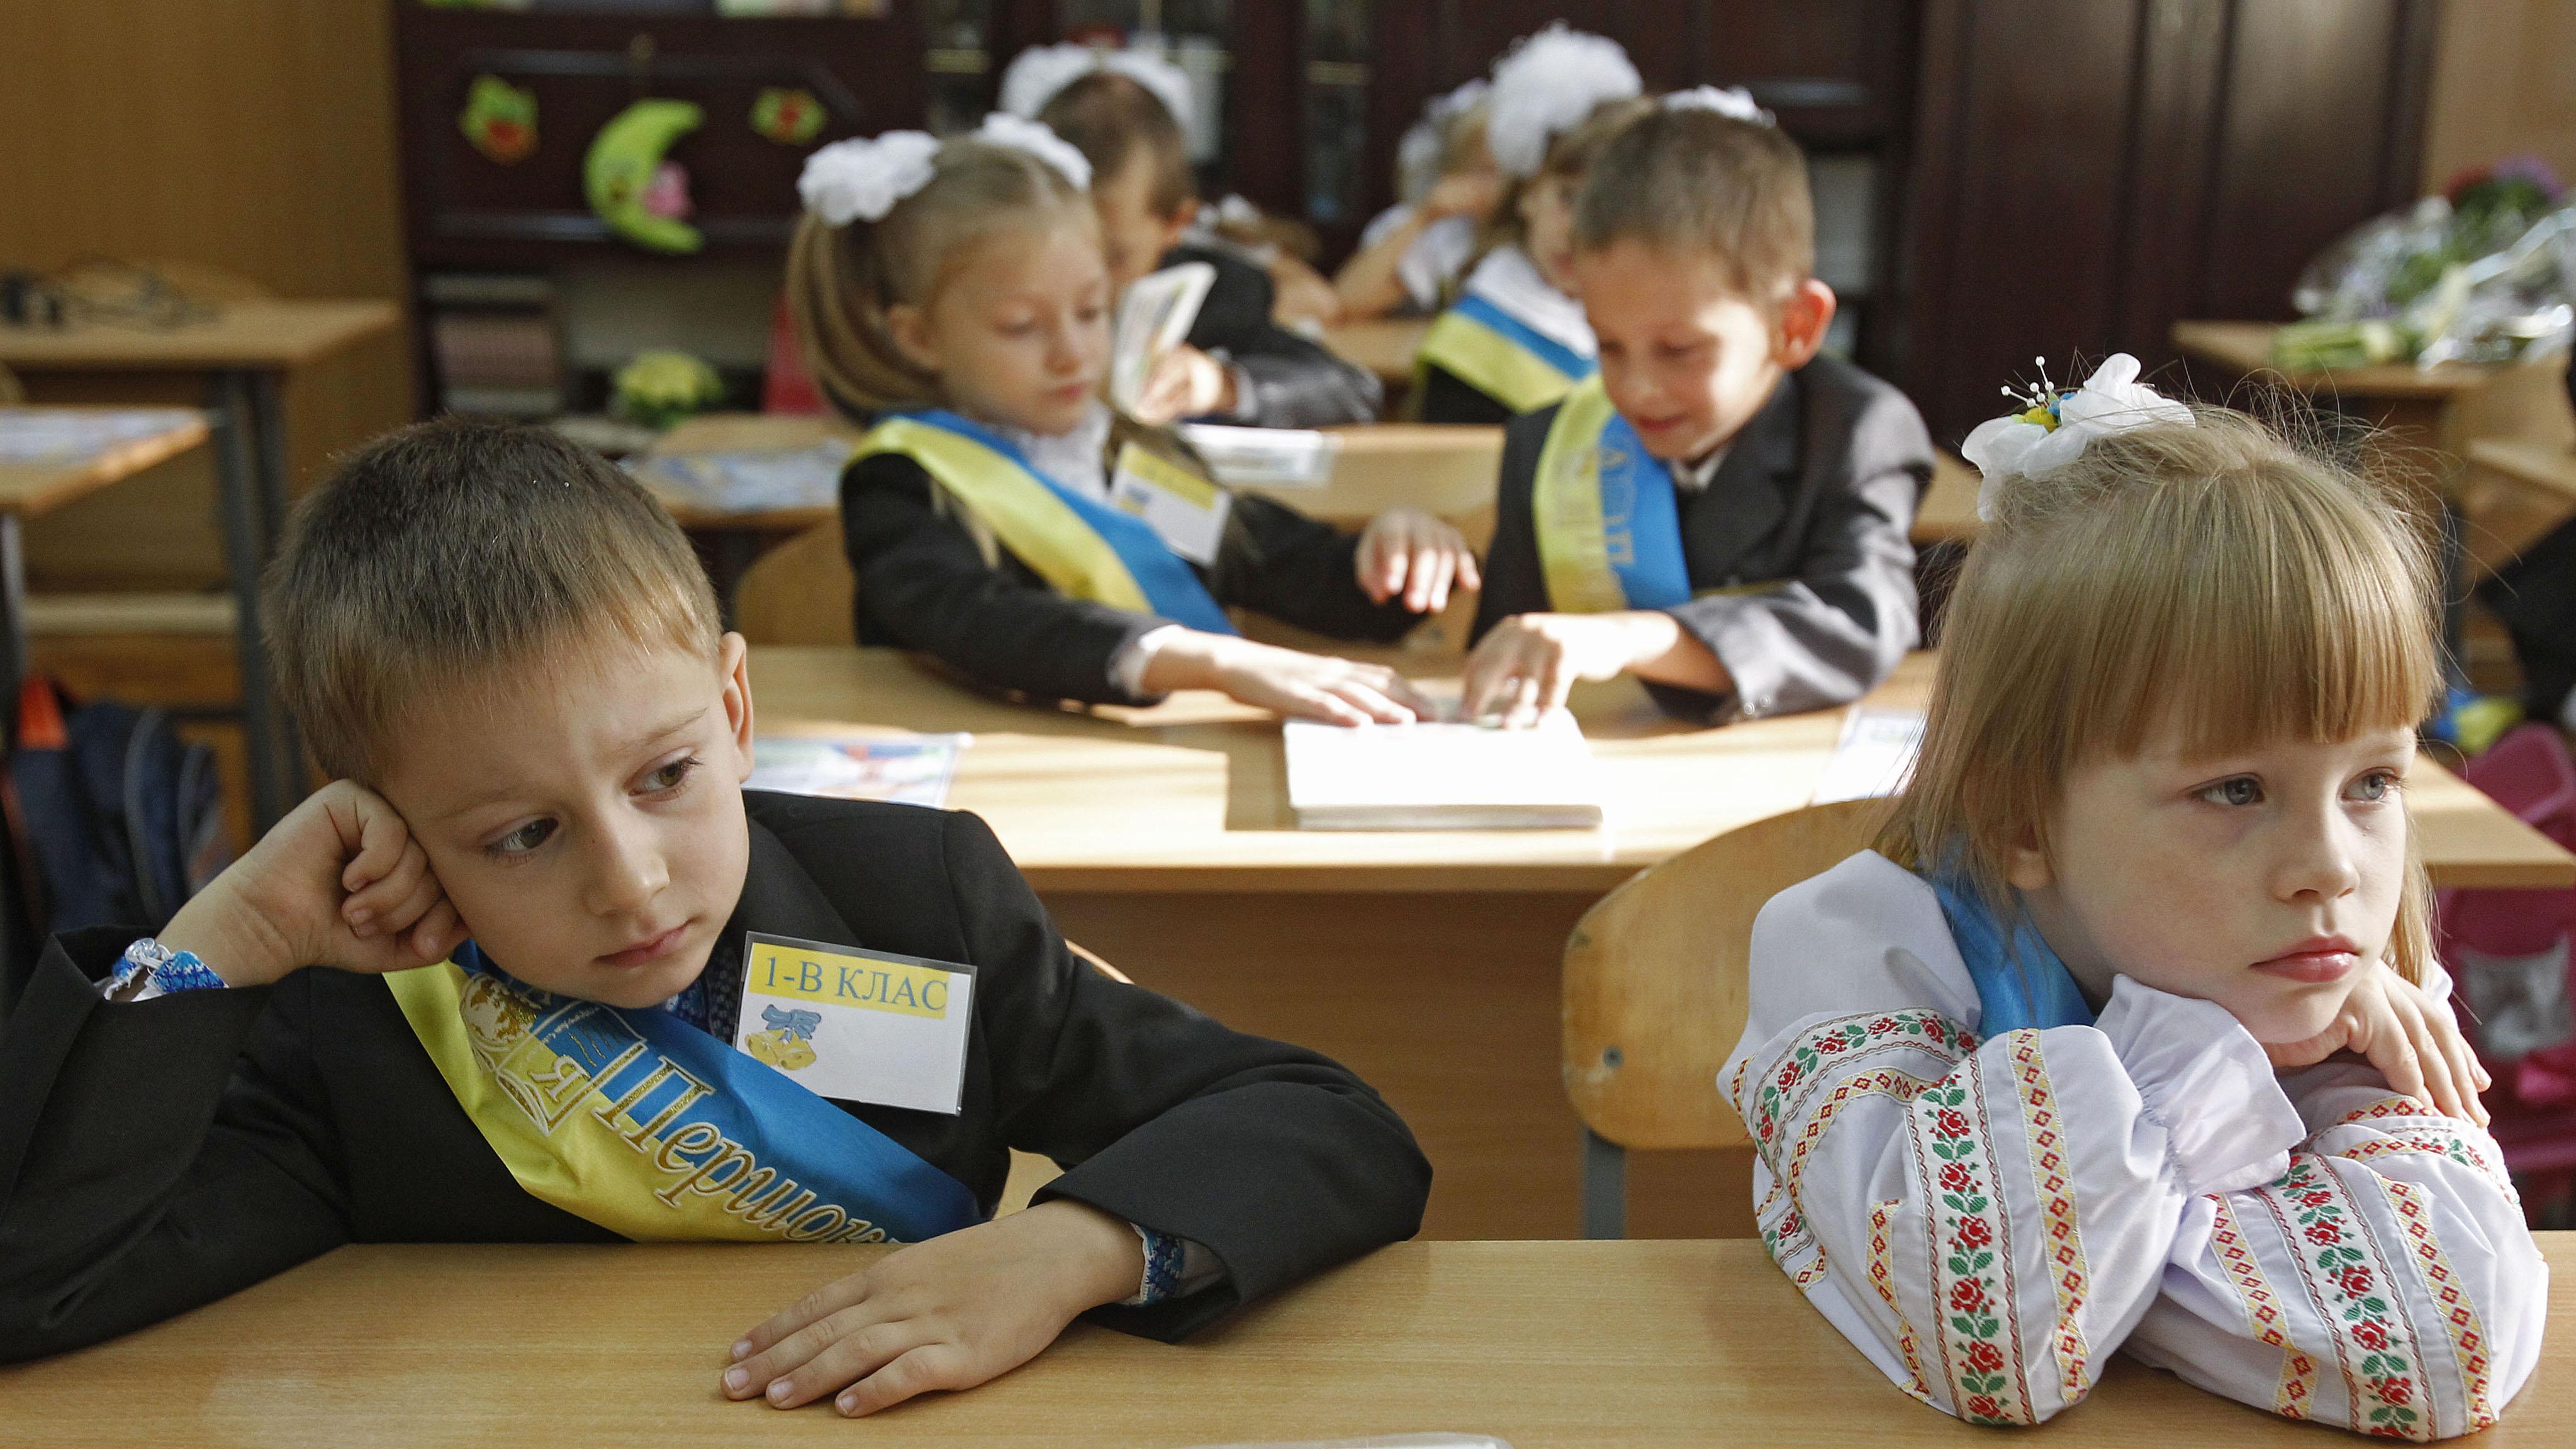 Після оптимізації в Ужгородському районі із 17-ти повнокомплектних шкіл можуть залишитись не більше 6-ти